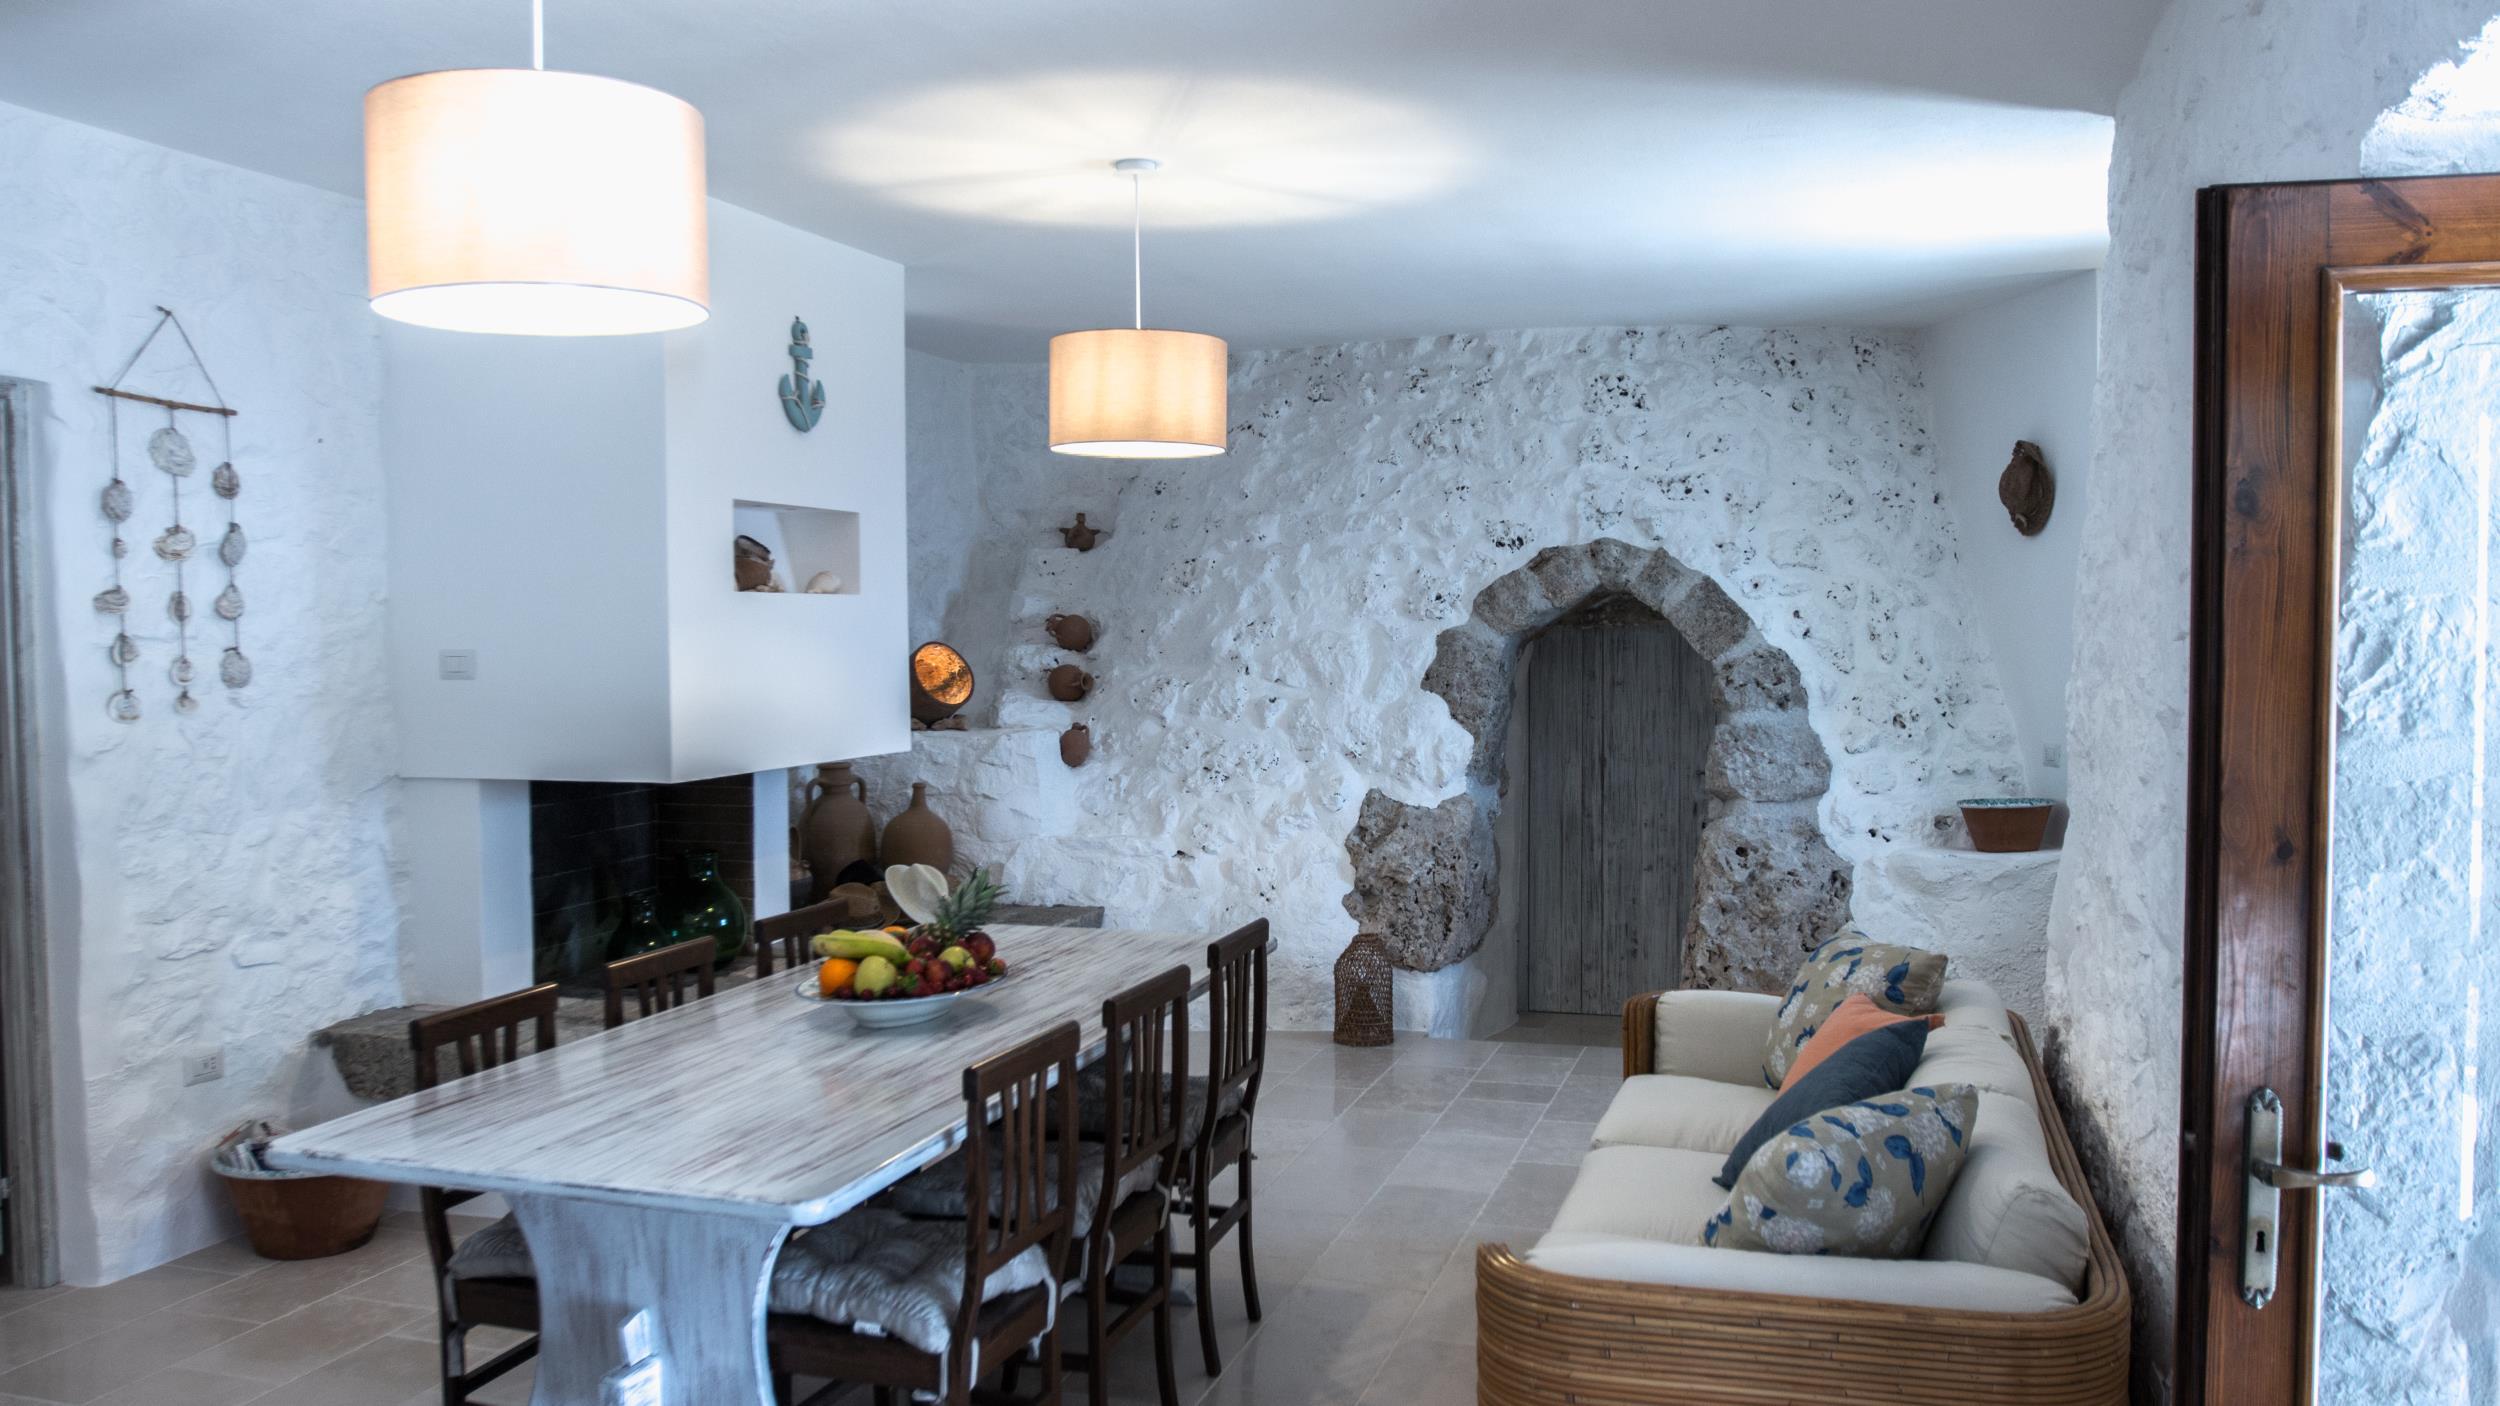 Apartment Albachiara pool house photo 22514415